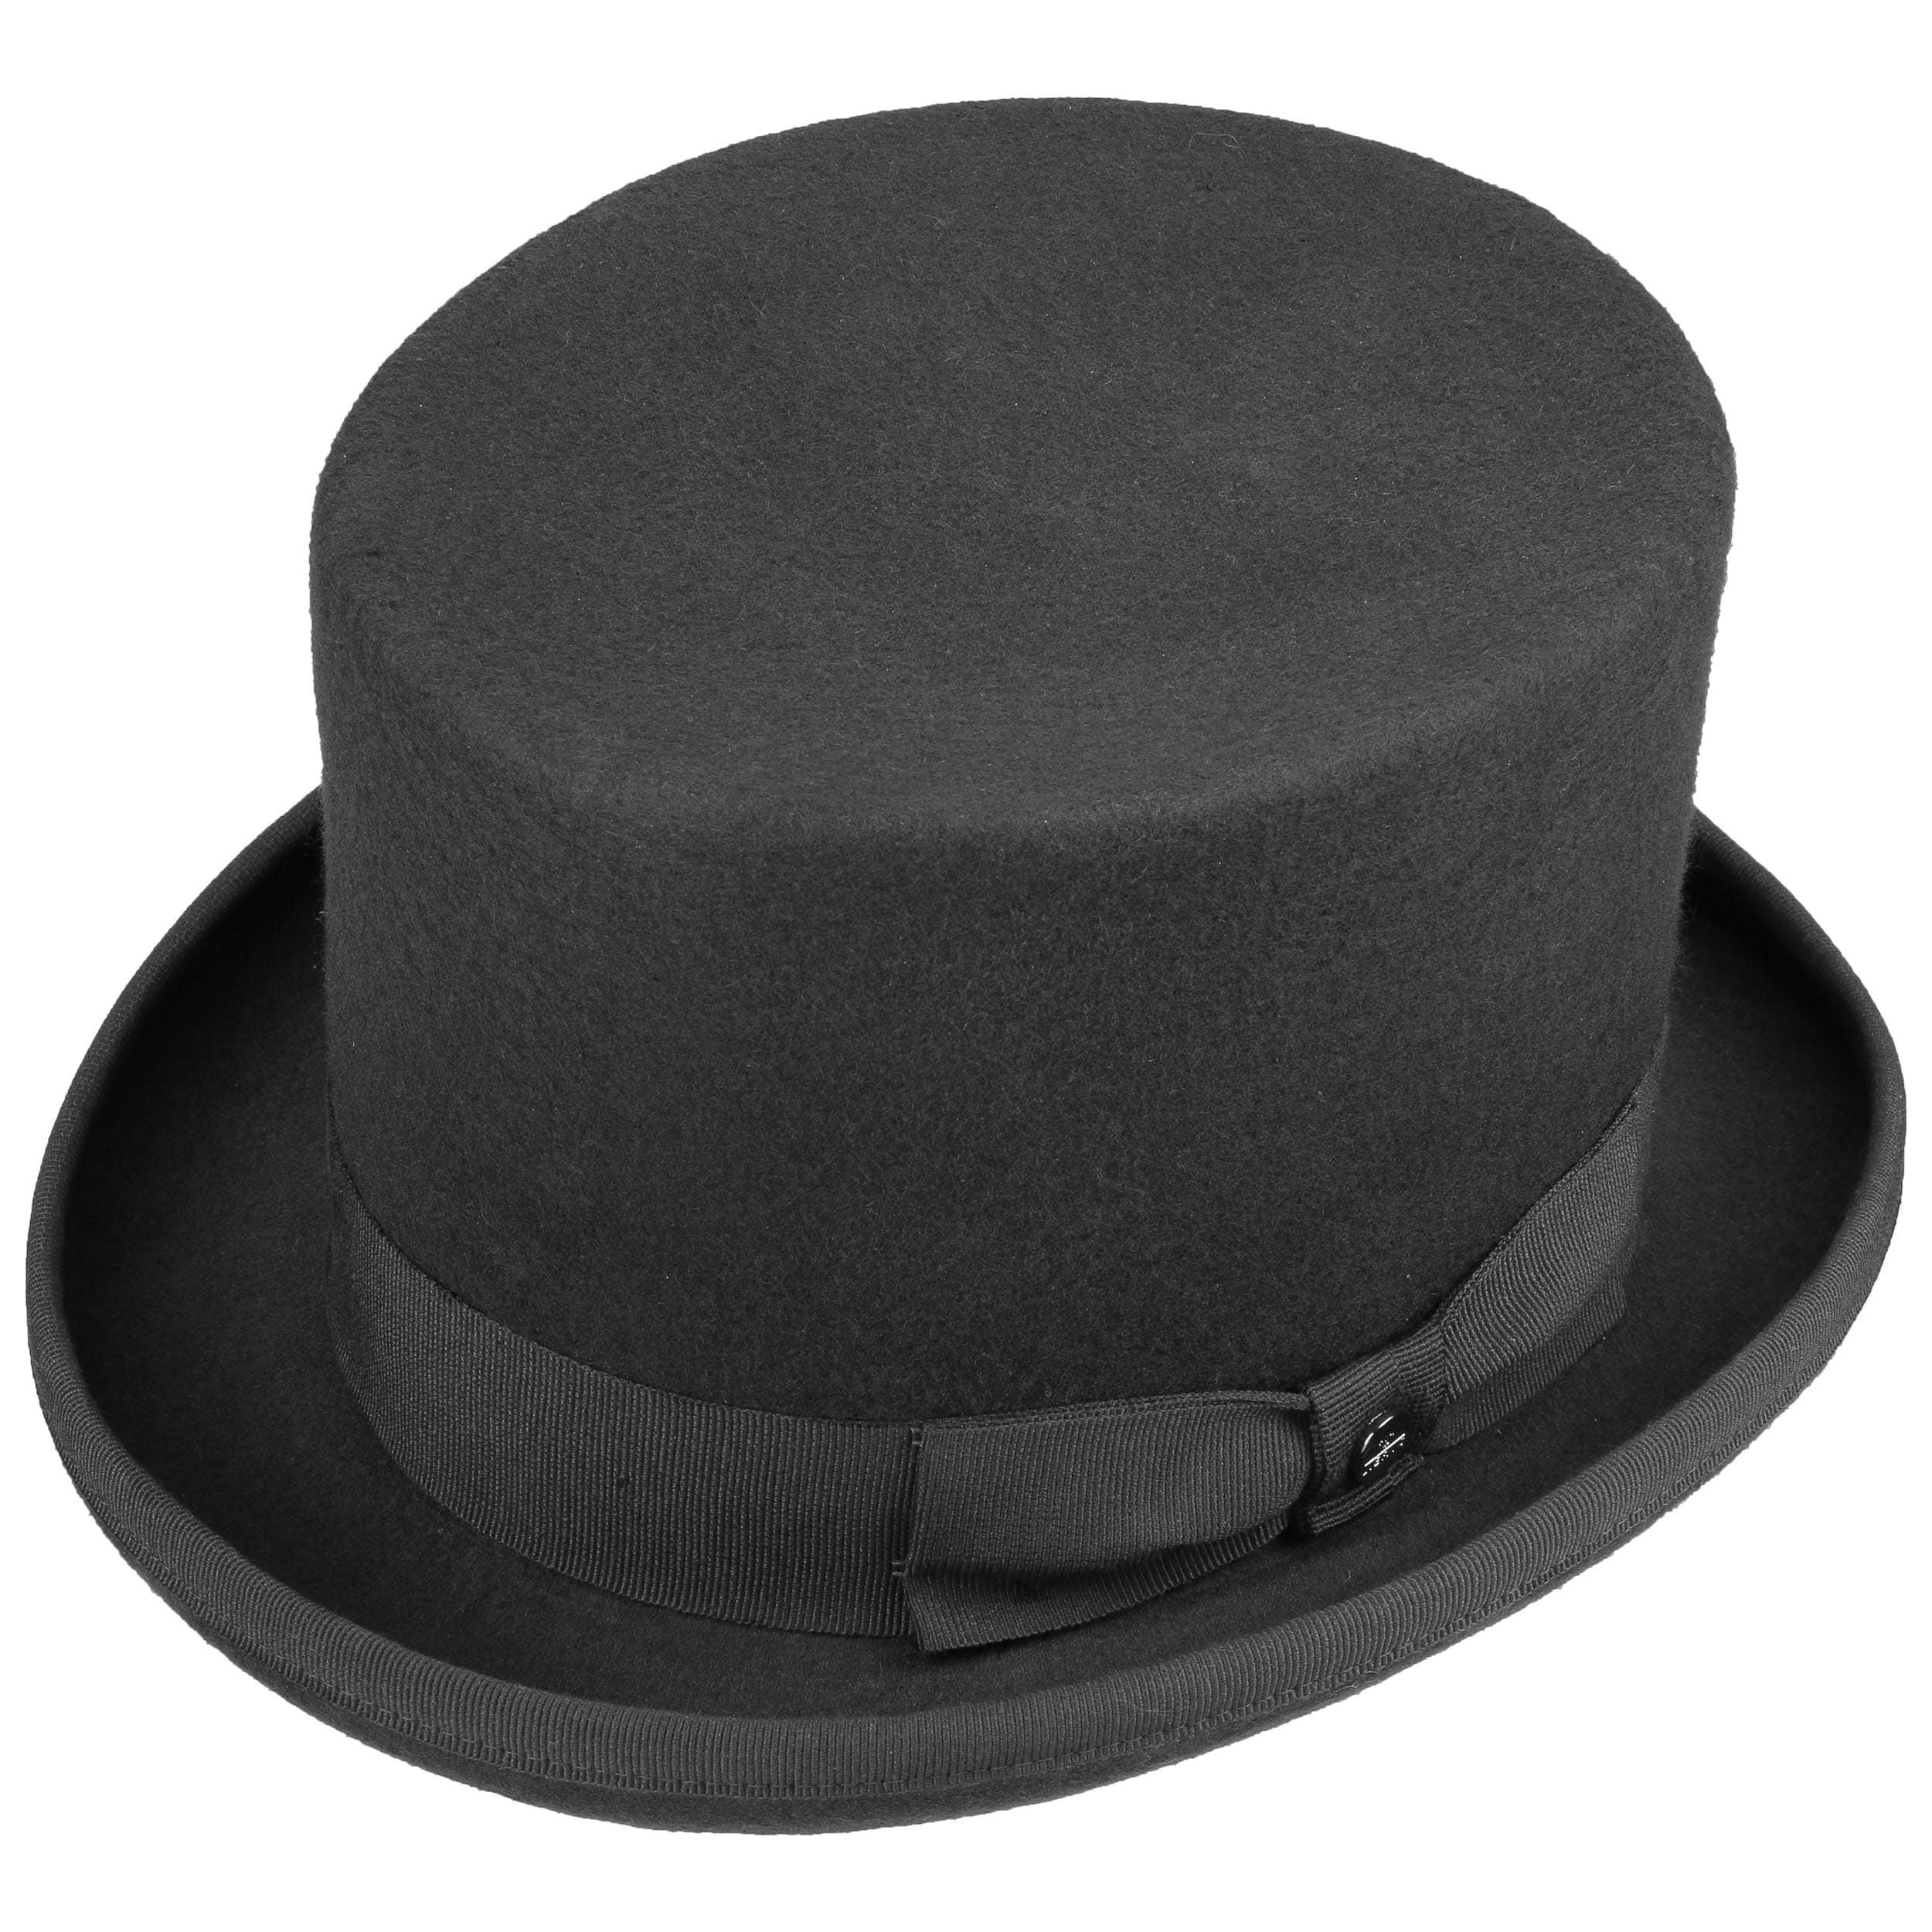 Sombrero de Copa Fieltro Uni by Lierys - Sombreros - sombreroshop.es e45b714442c9